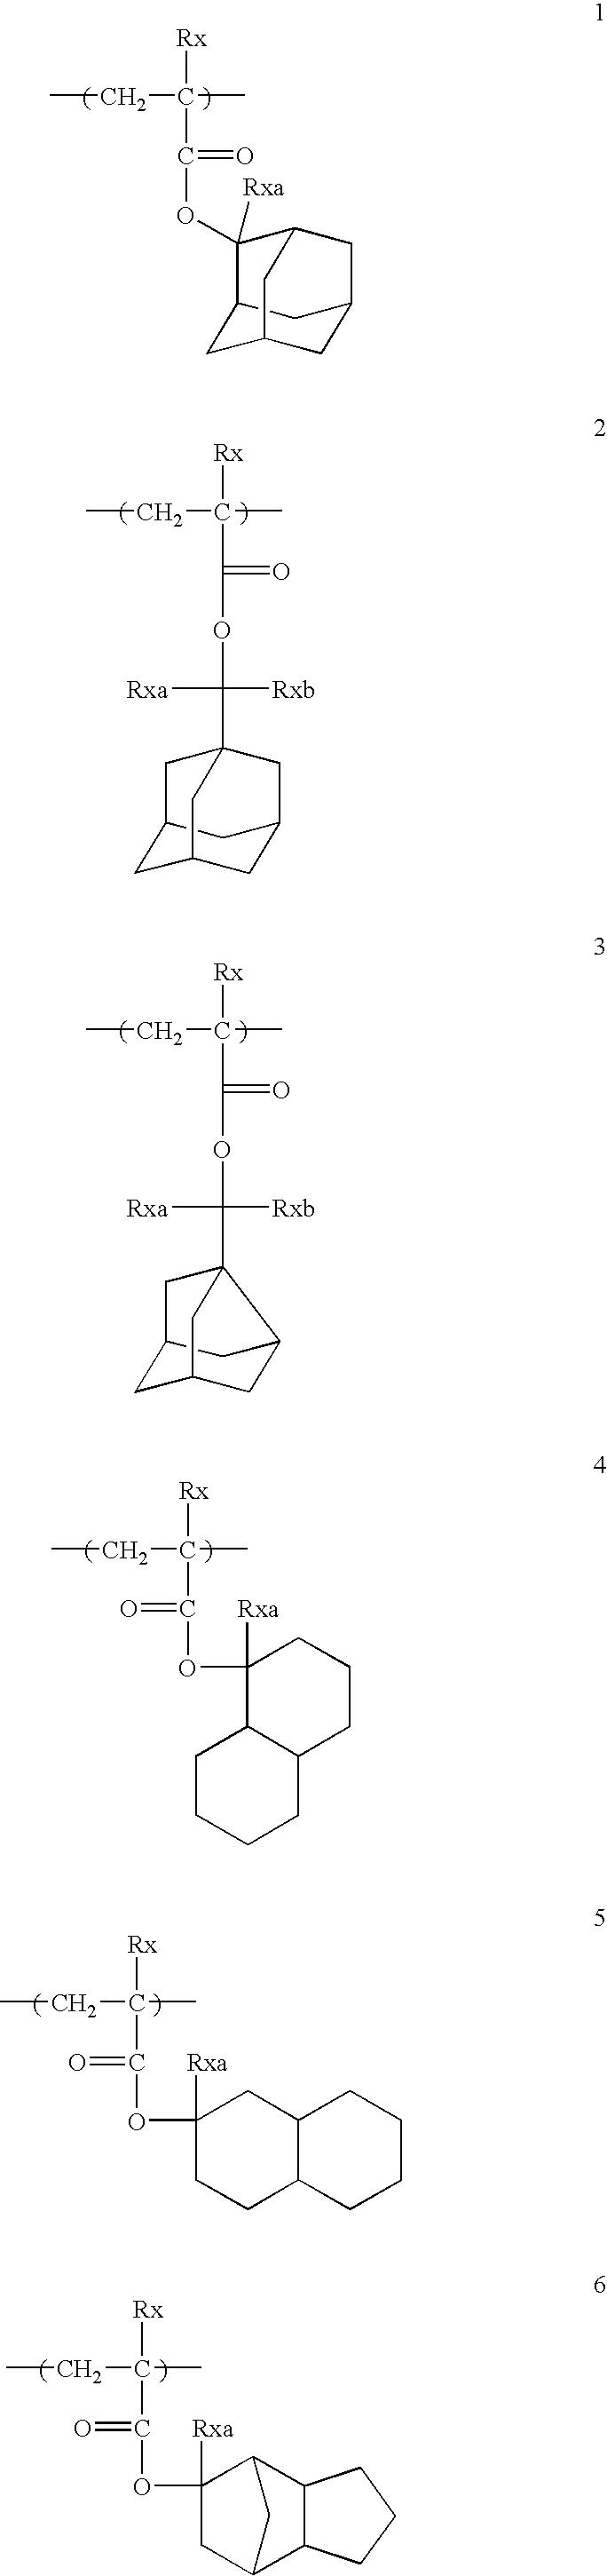 Figure US07960087-20110614-C00015